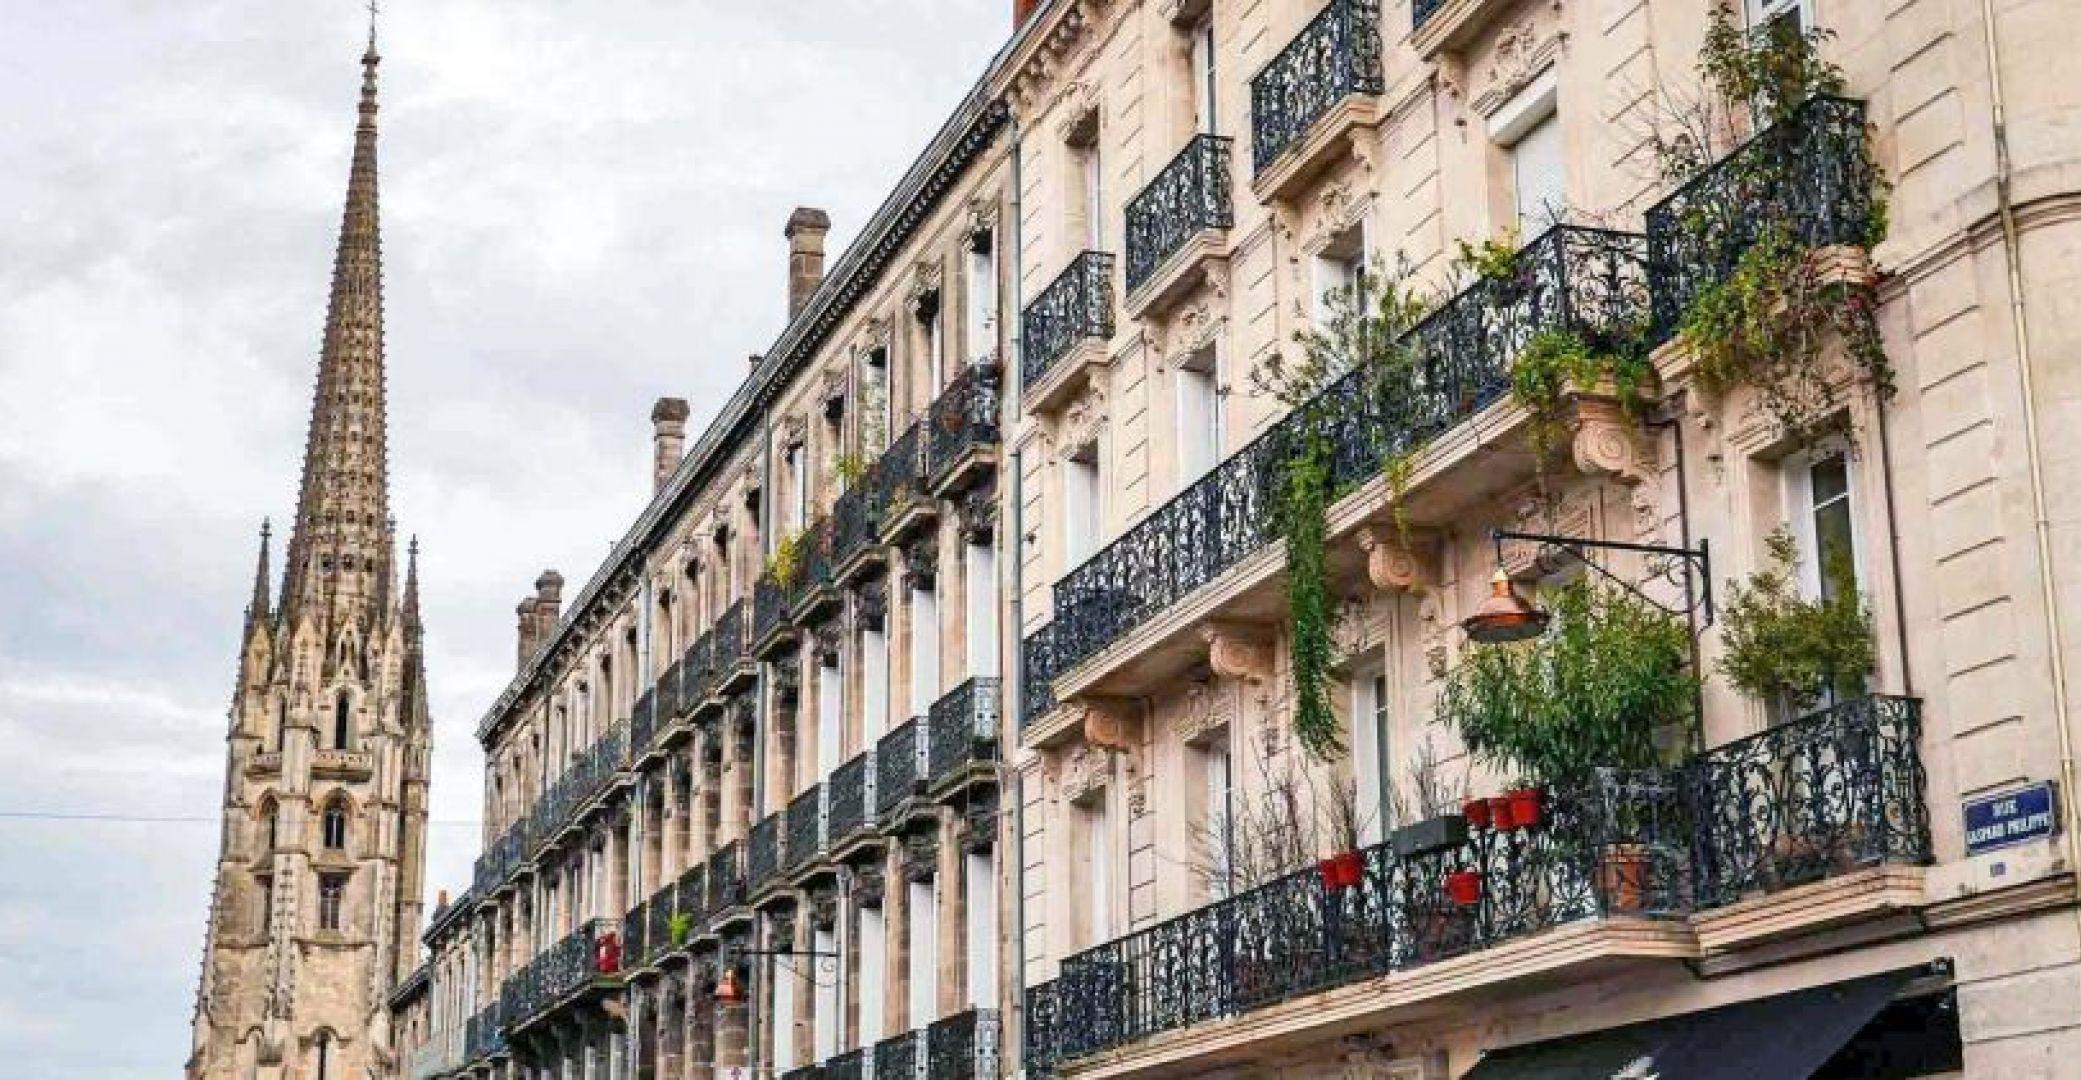 Visite du Quartier Saint-Michel de Bordeaux - Guide Bordeaux Gironde